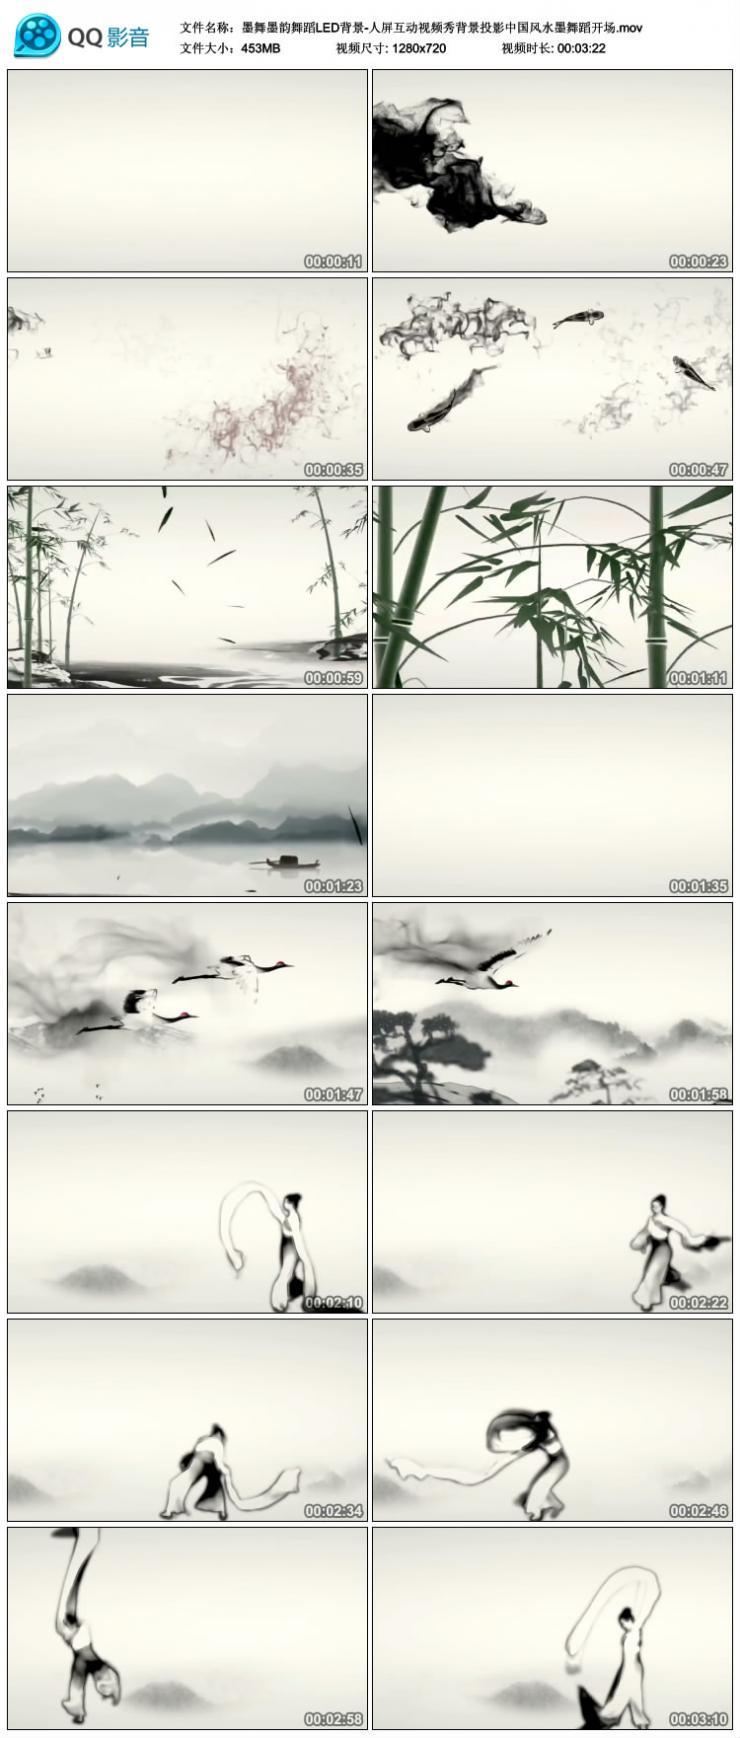 墨舞墨韵舞蹈LED人屏互动视频秀背景投影中国风水墨舞蹈开